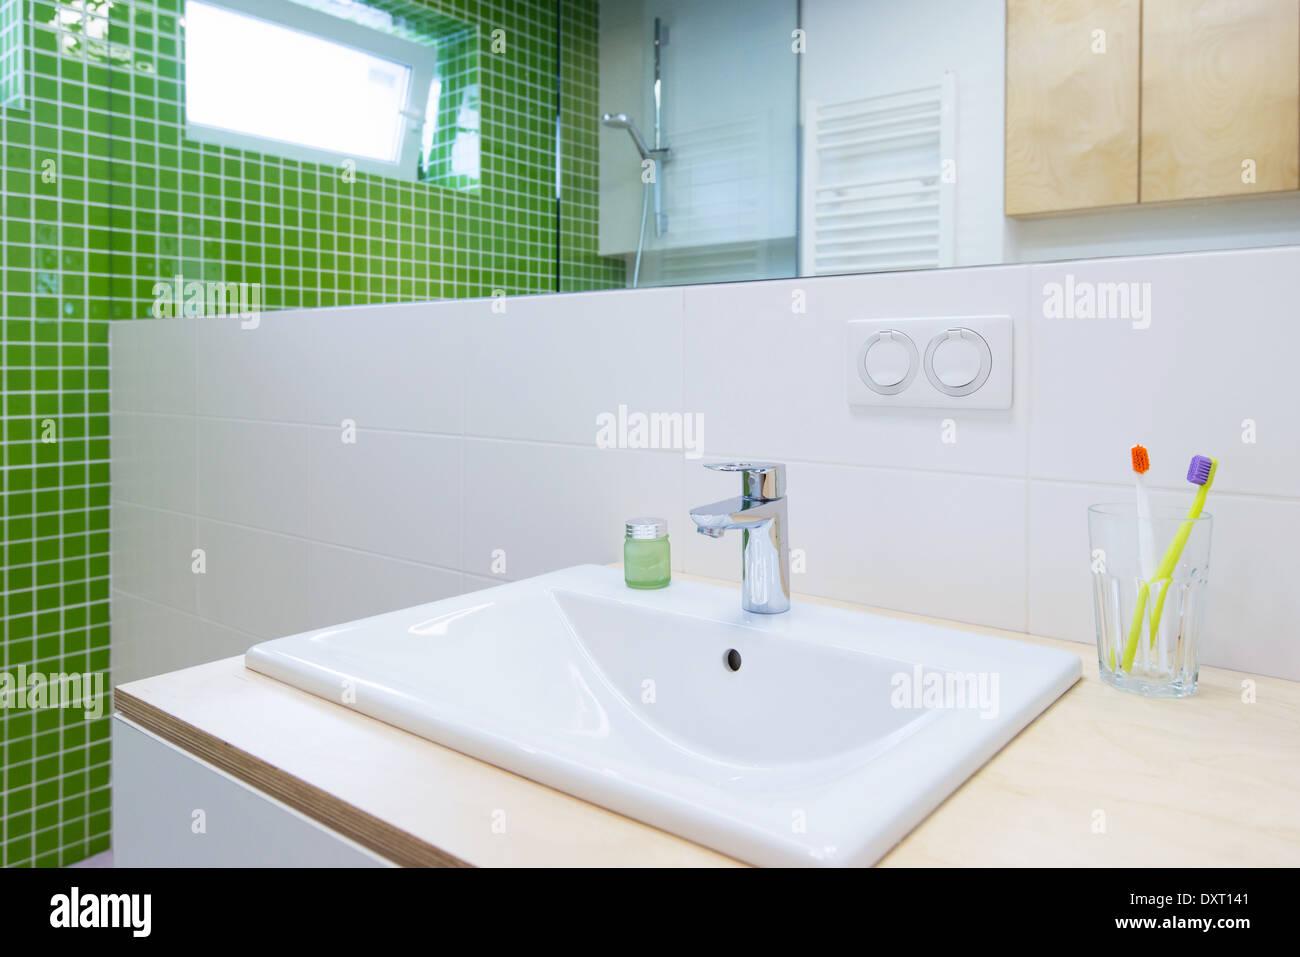 Green Bathroom Tiles Stock Photos & Green Bathroom Tiles Stock ...